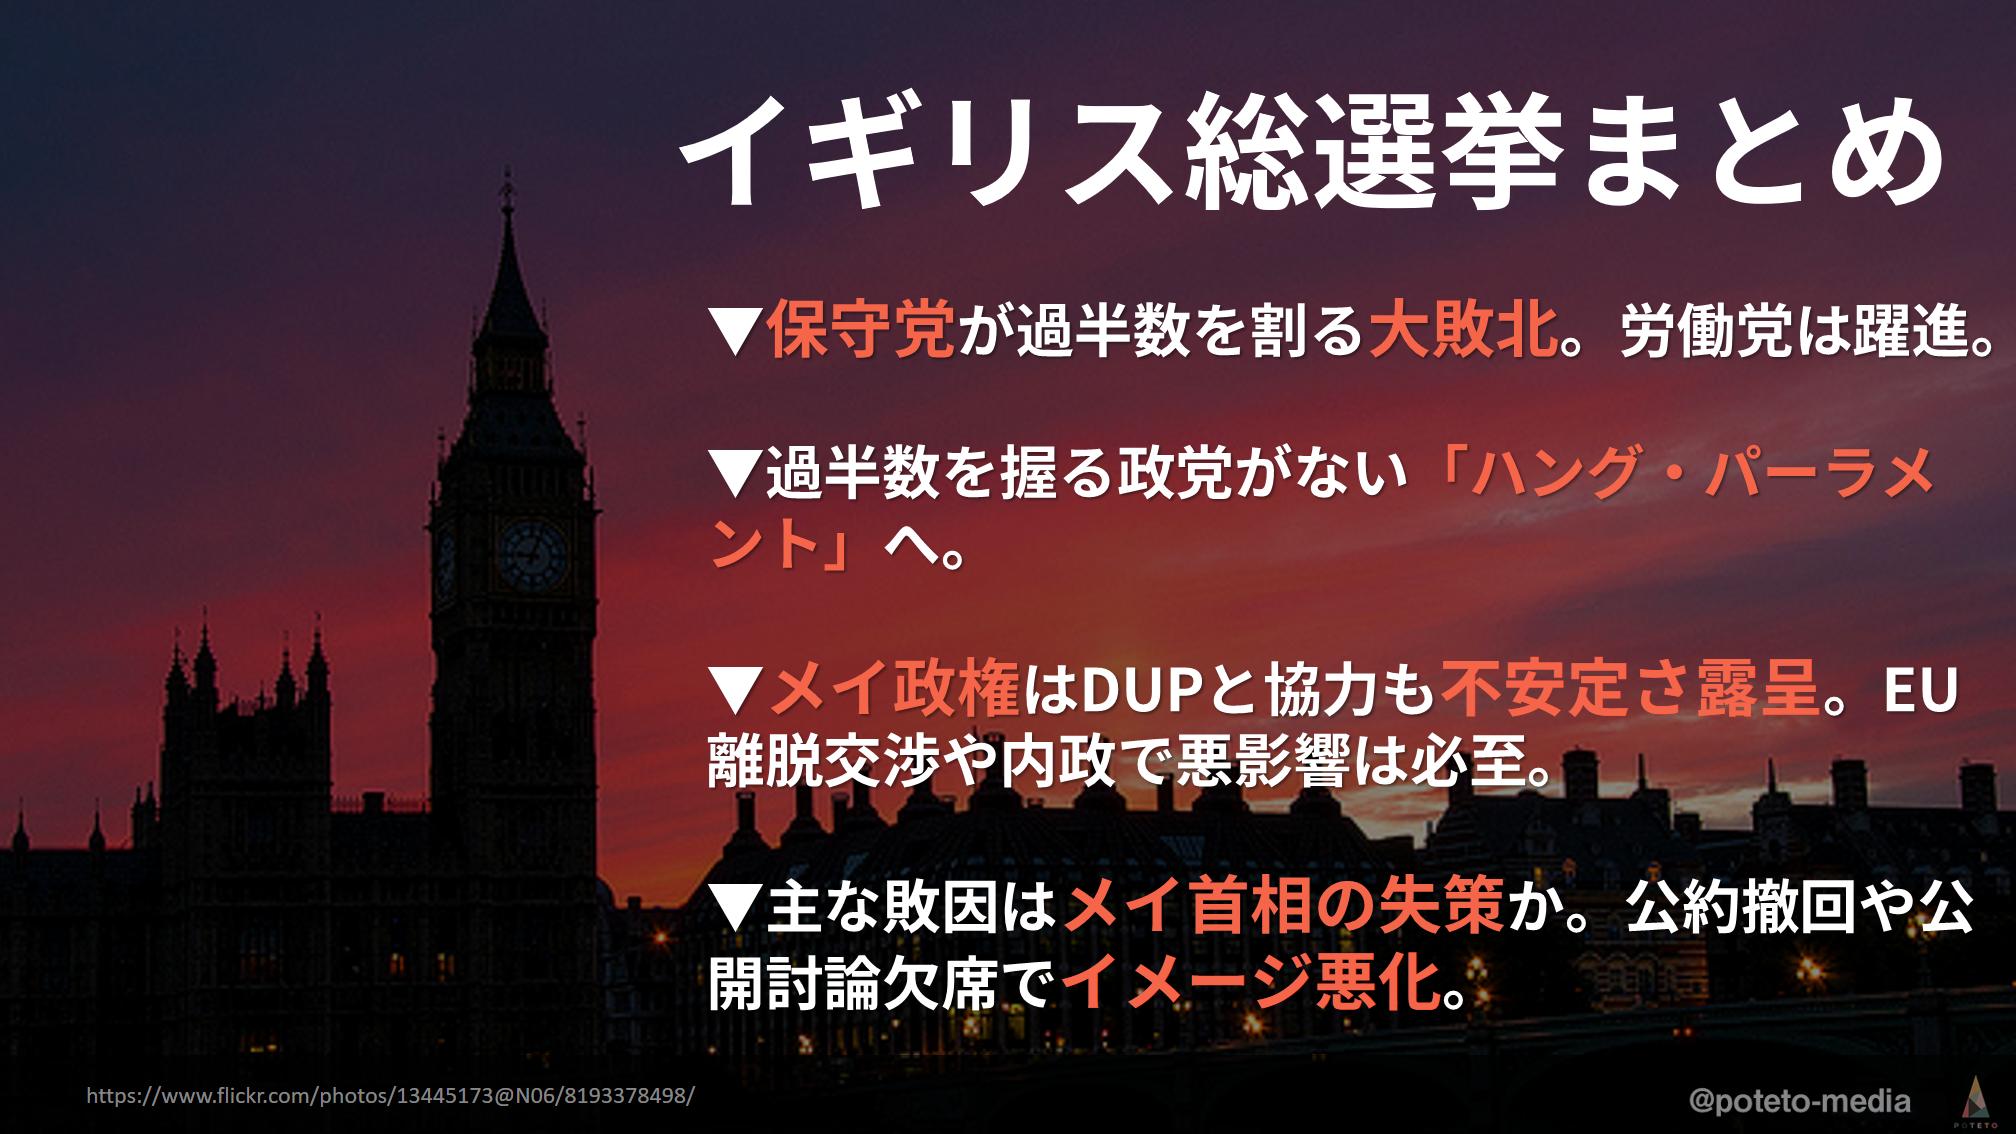 9eb39883bb0fcc49d73f313df516186c 3e26c3b4520c73a48aec329f9eb5beb7 2 - イギリス総選挙、結局どういうこと? 「ザックリ」解説